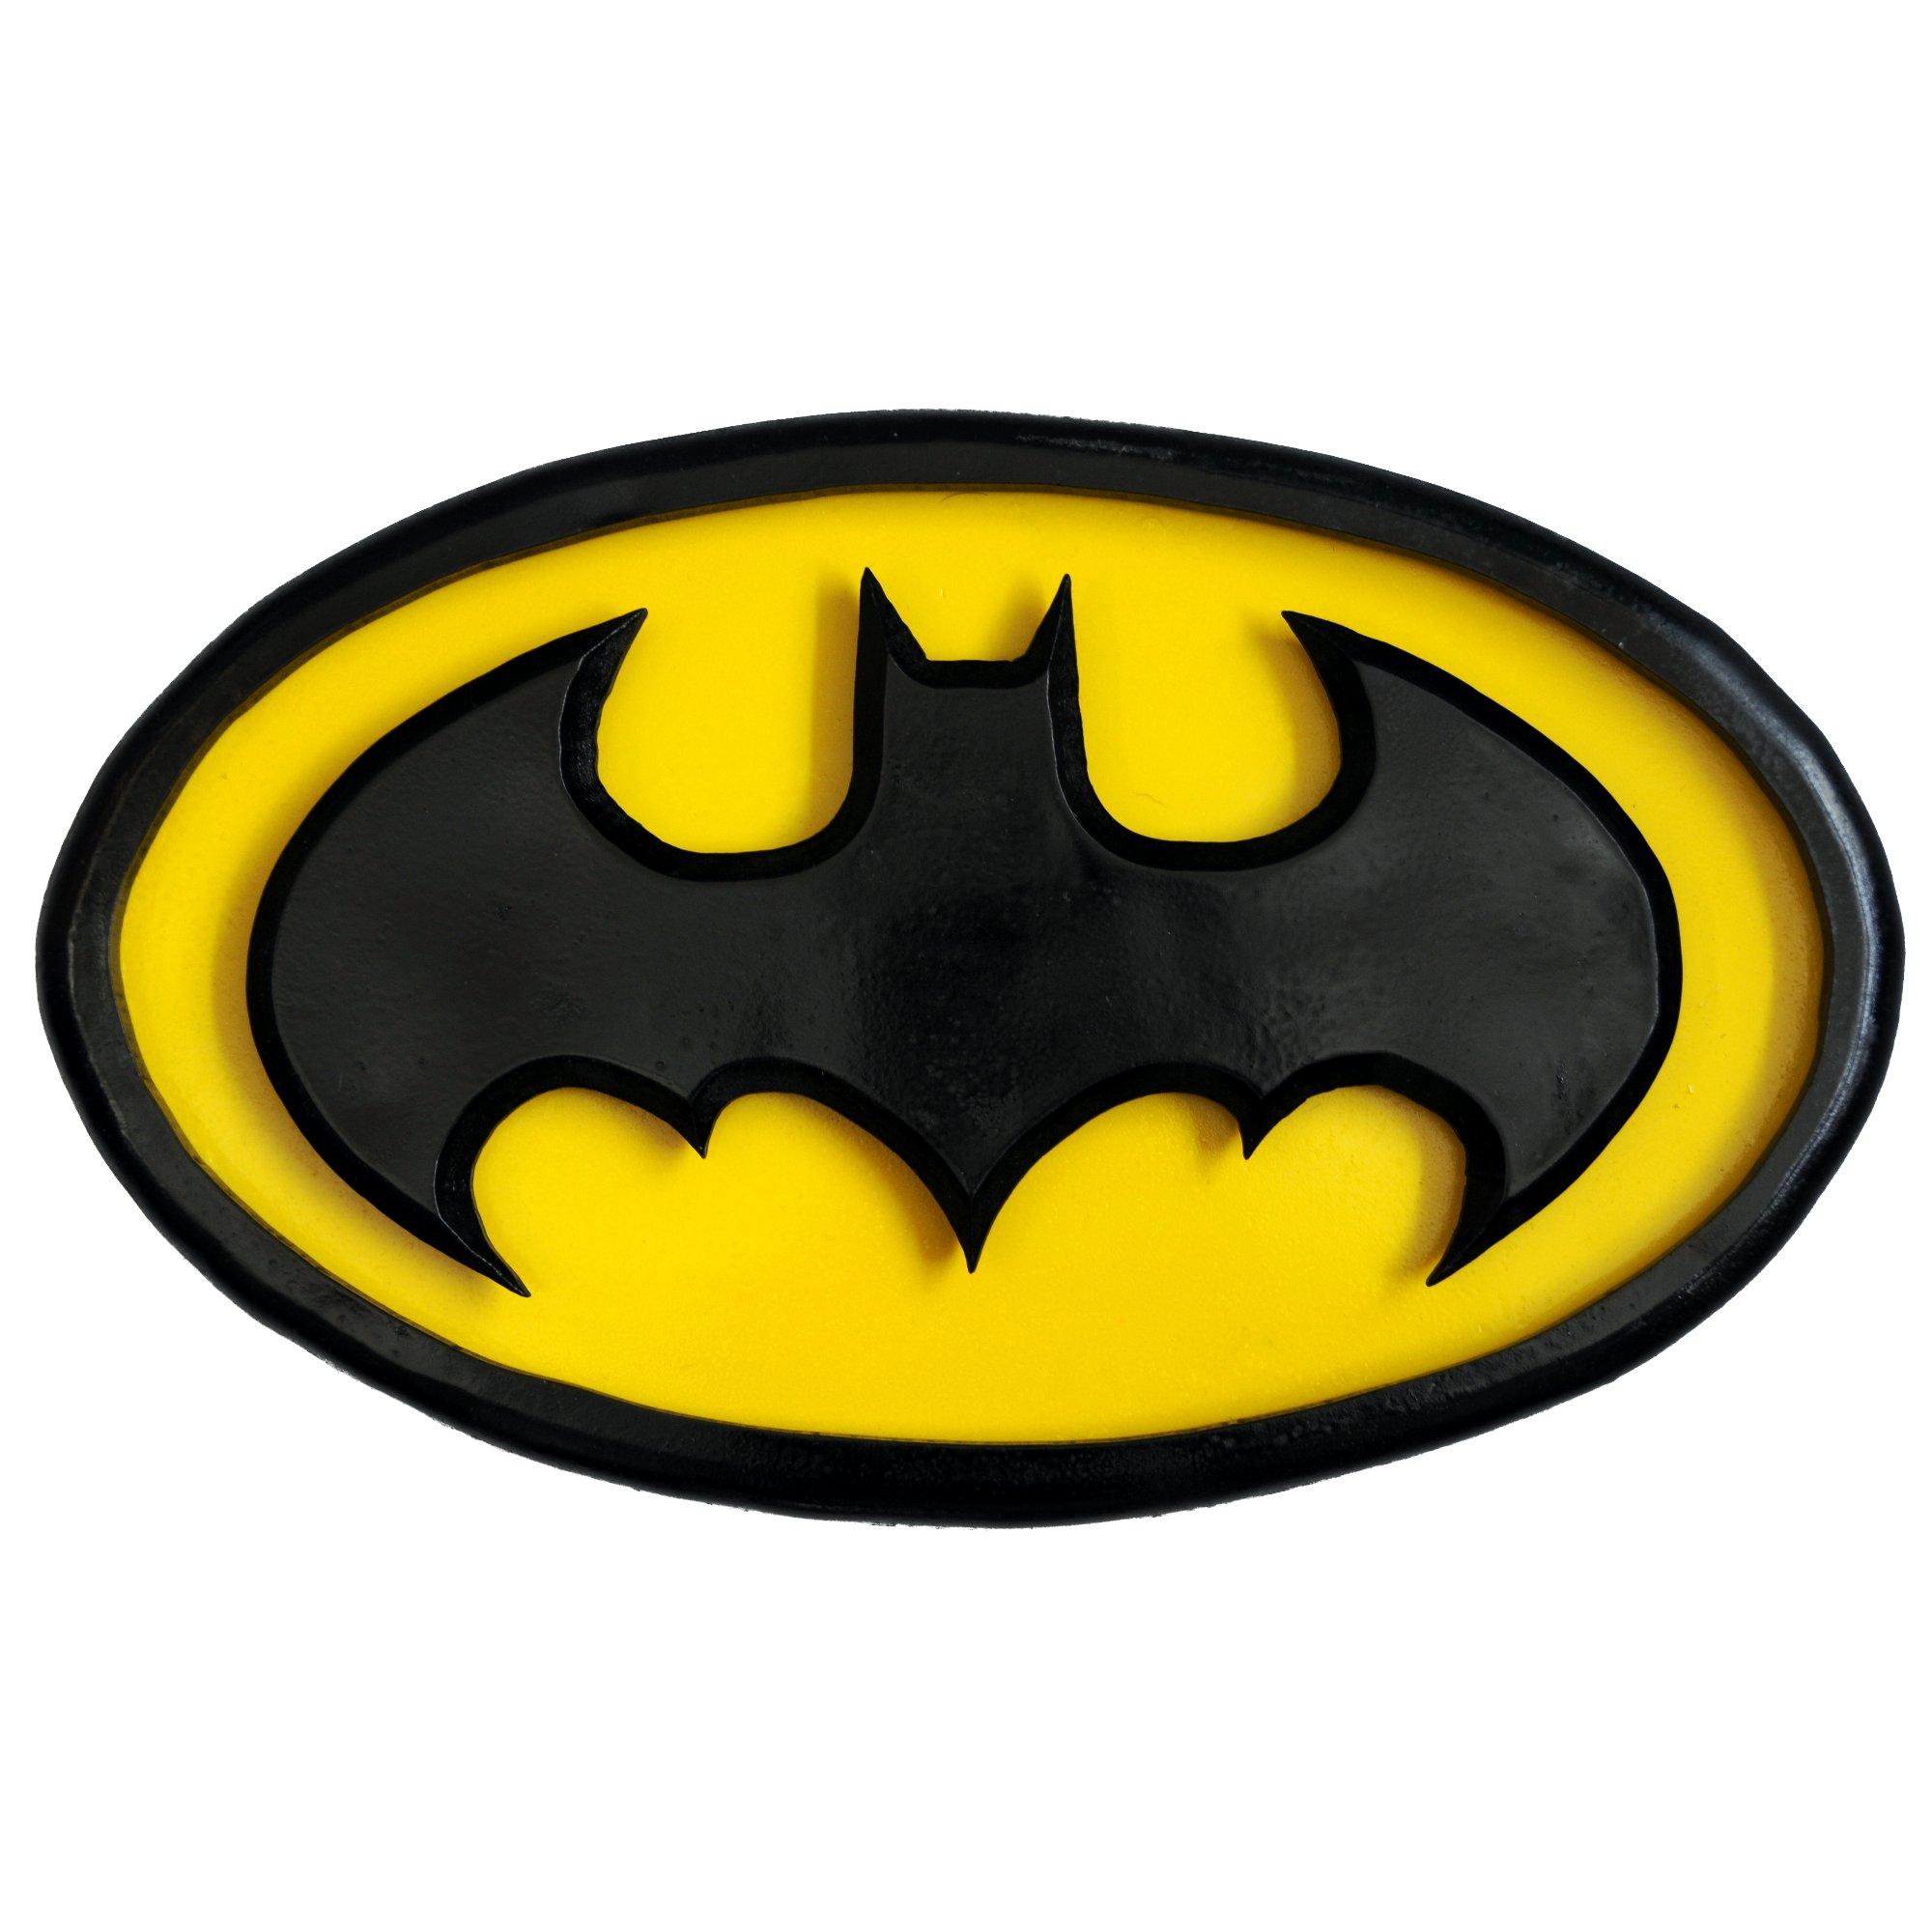 бэтмен картинки символика легких, или пневмония